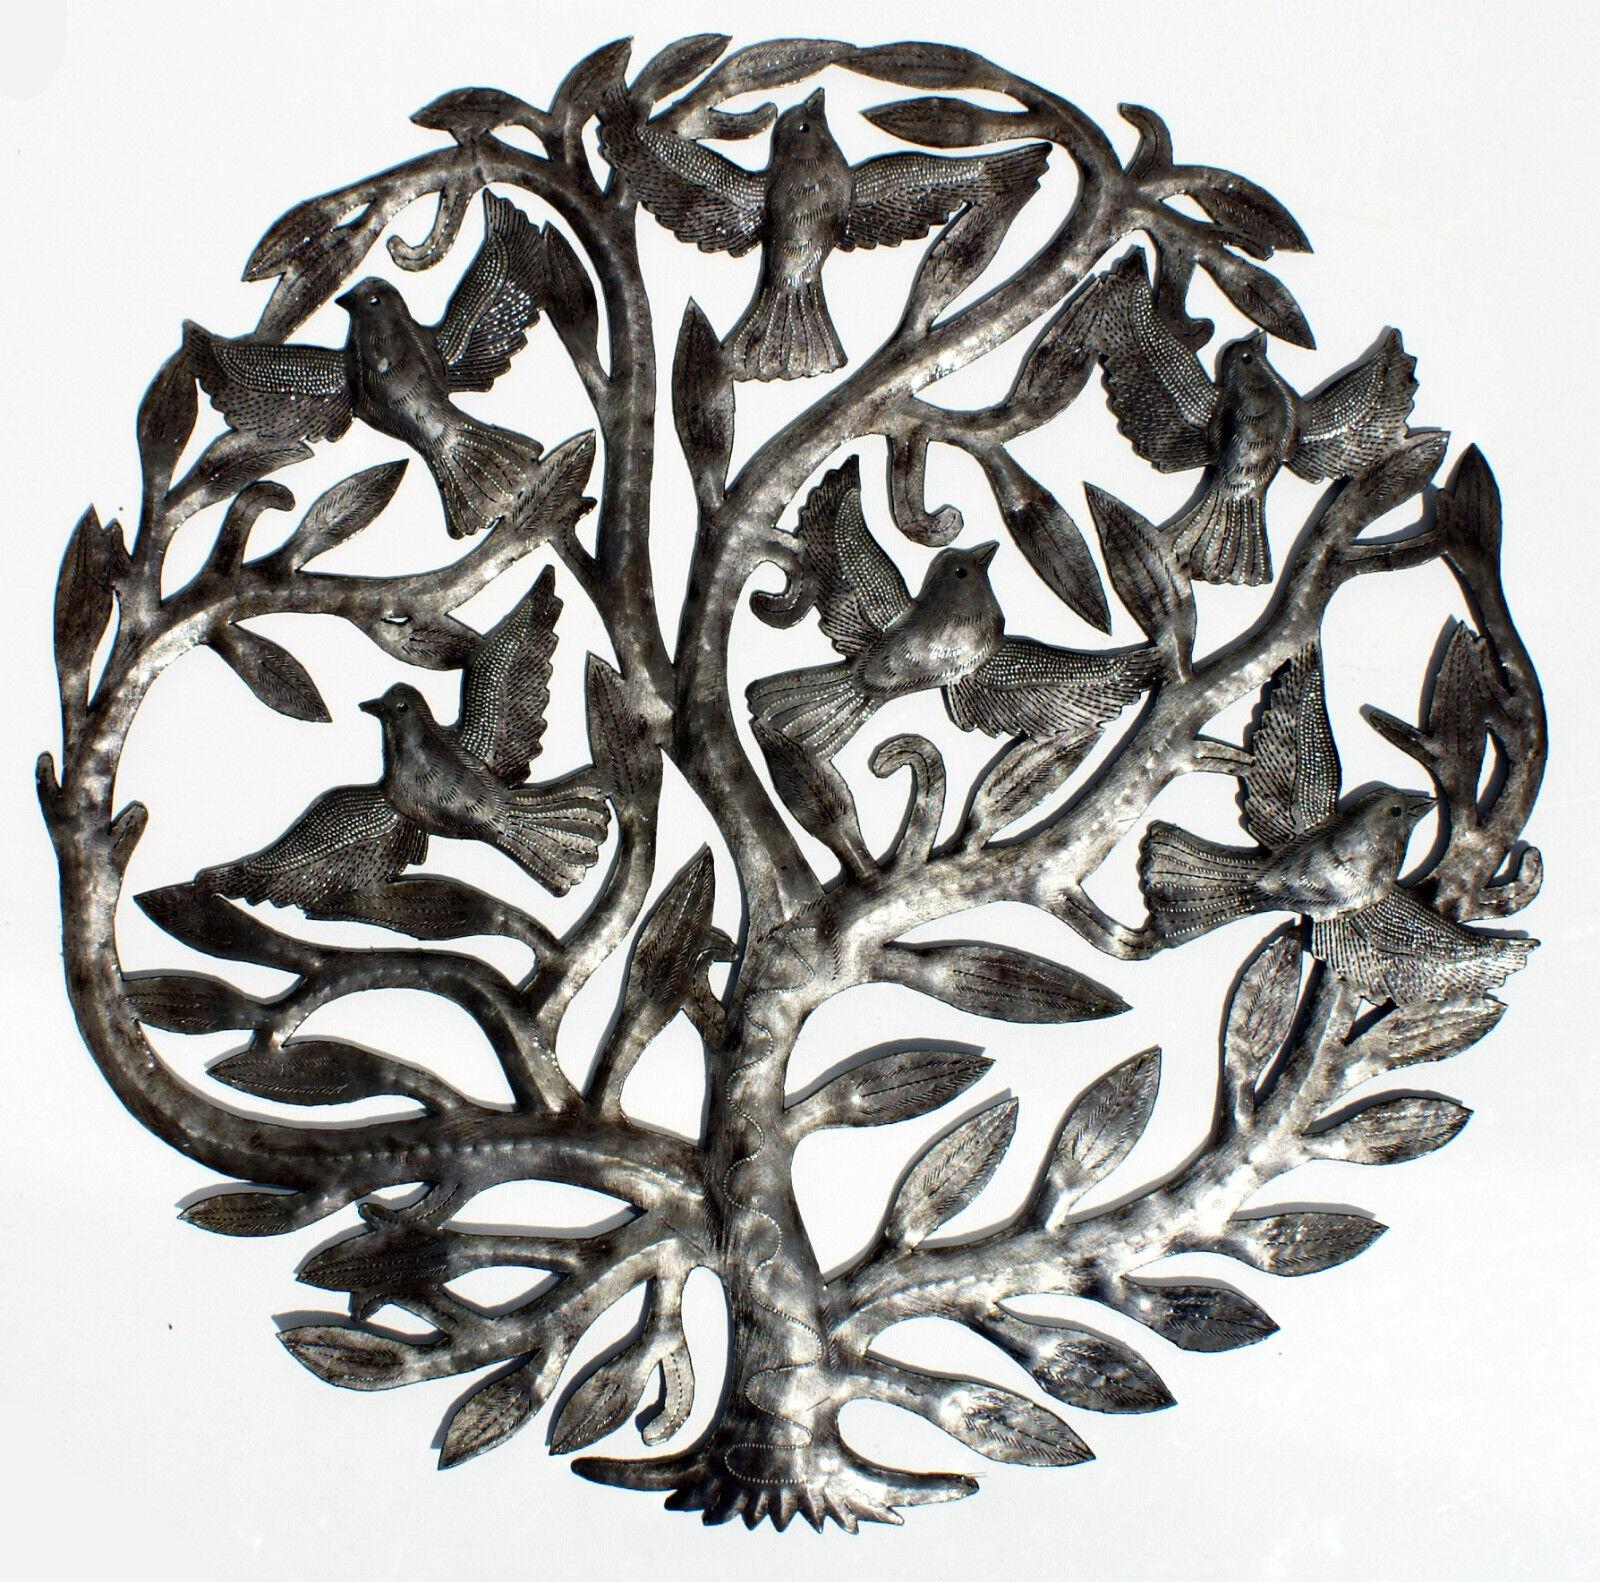 Grand arbre en métal avec des oiseaux volants, arbre de mur de la vie d'art 60cm